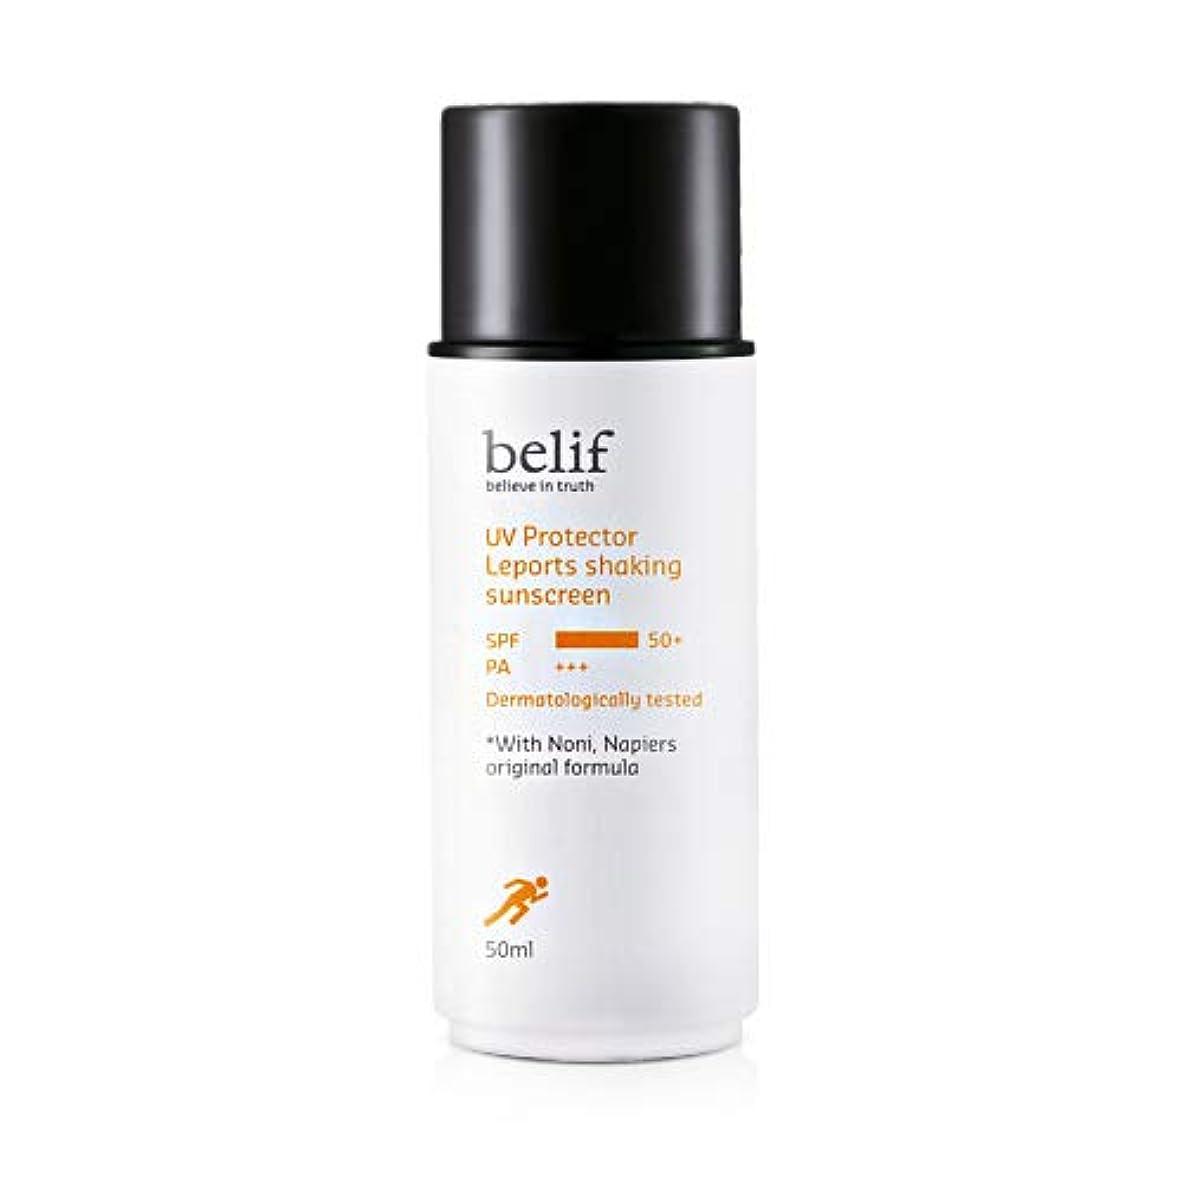 いいねマーチャンダイジングボットBelif(ビリーフ) UV Protector Leports shaking sunscreen サンスクリーン (50ml) SPF50+/PA+++